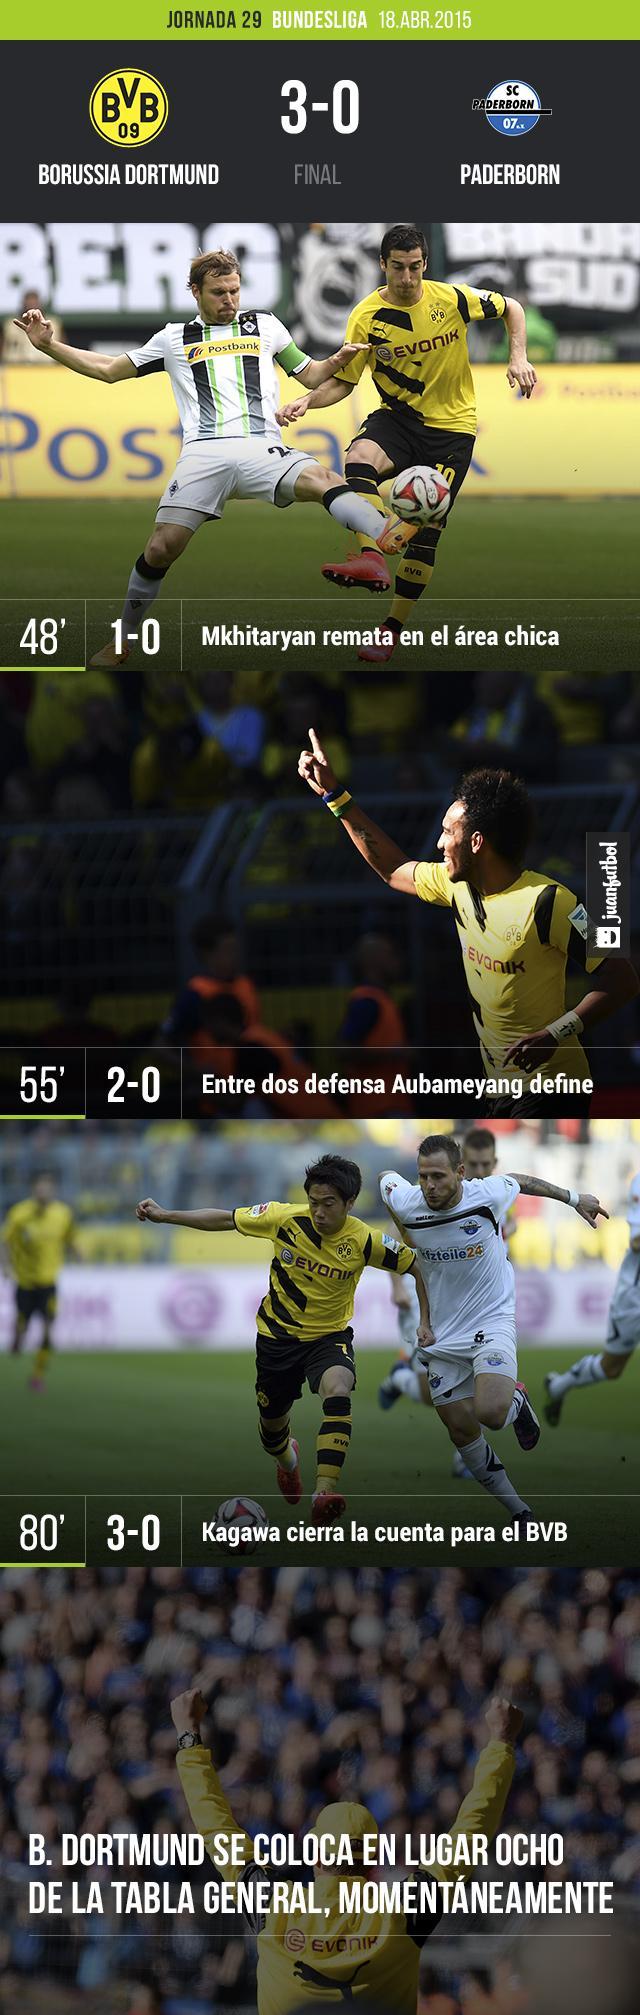 Borussia Dortmund vence 3-0 al Paderborn en la Bundesliga y lo coloca momentáneamente en el lugar número ocho de la tabla general